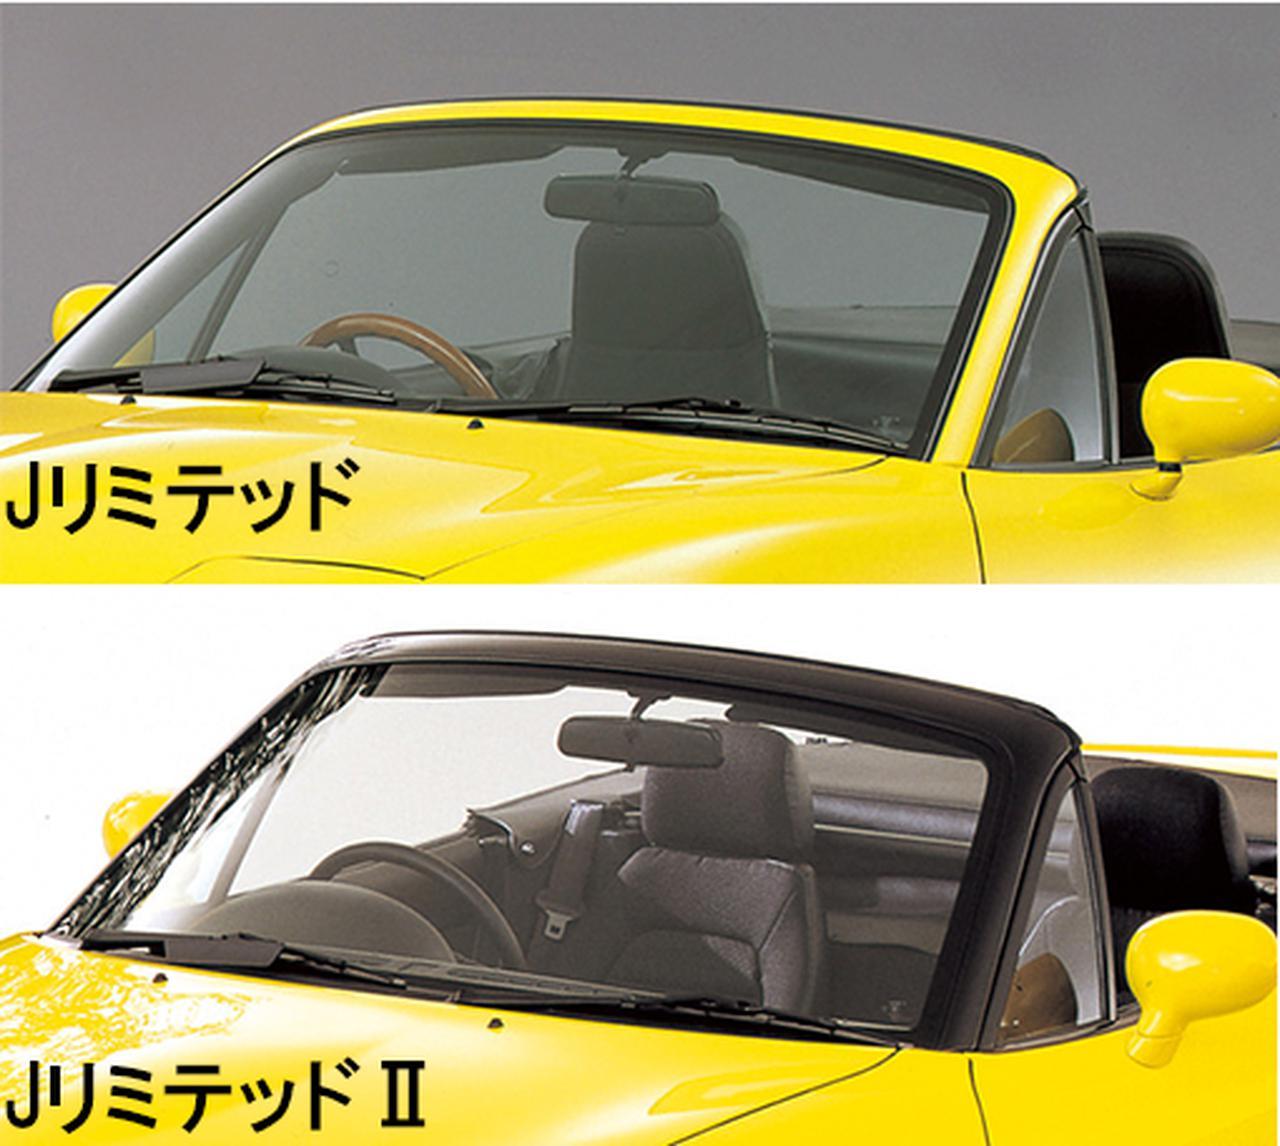 画像: 上の「Jリミテッド」のフロントウインドー回りはボディと同色。対する下の「JリミテッドII」のフロントウインドー回りはブラックアウト化されている。